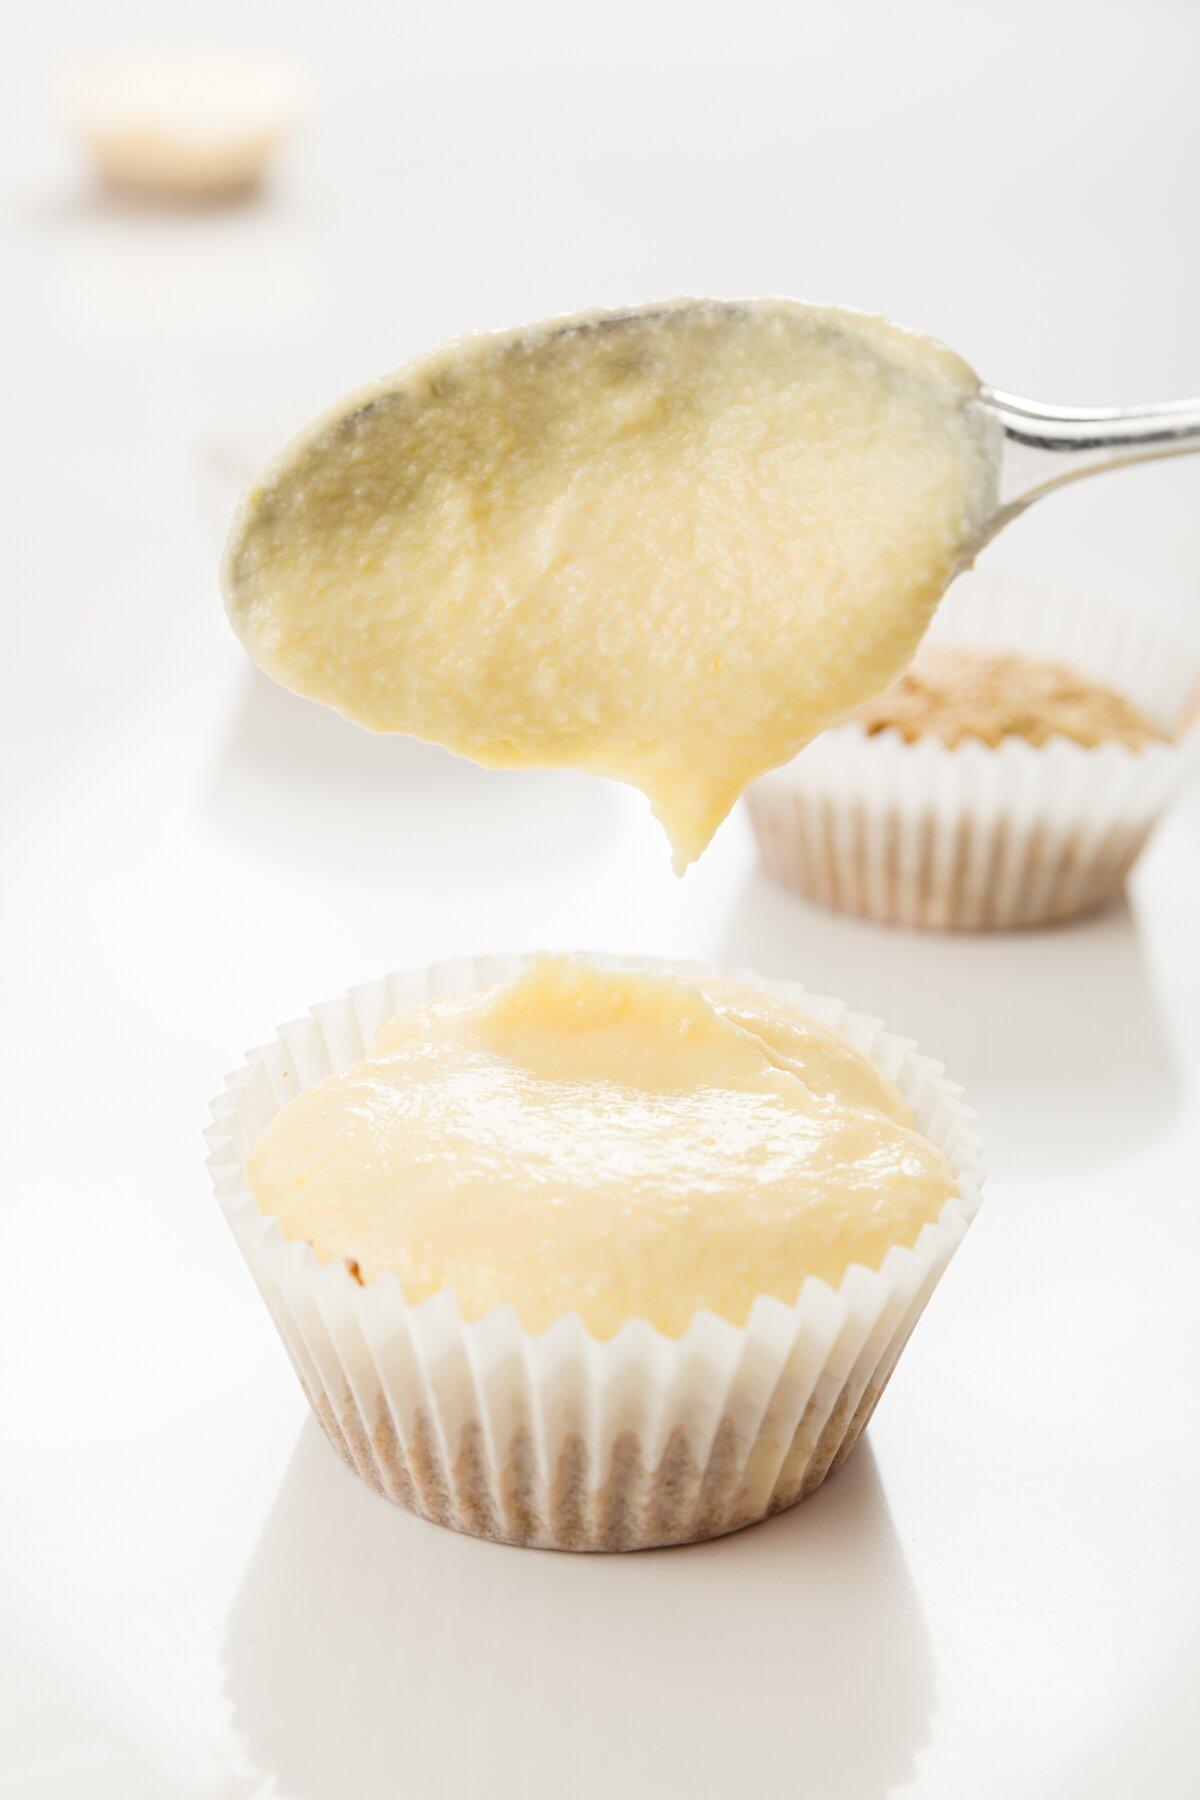 Tiro ajustado de Stef poniendo la mezcla de natillas encima de un cupcake de tiramisú